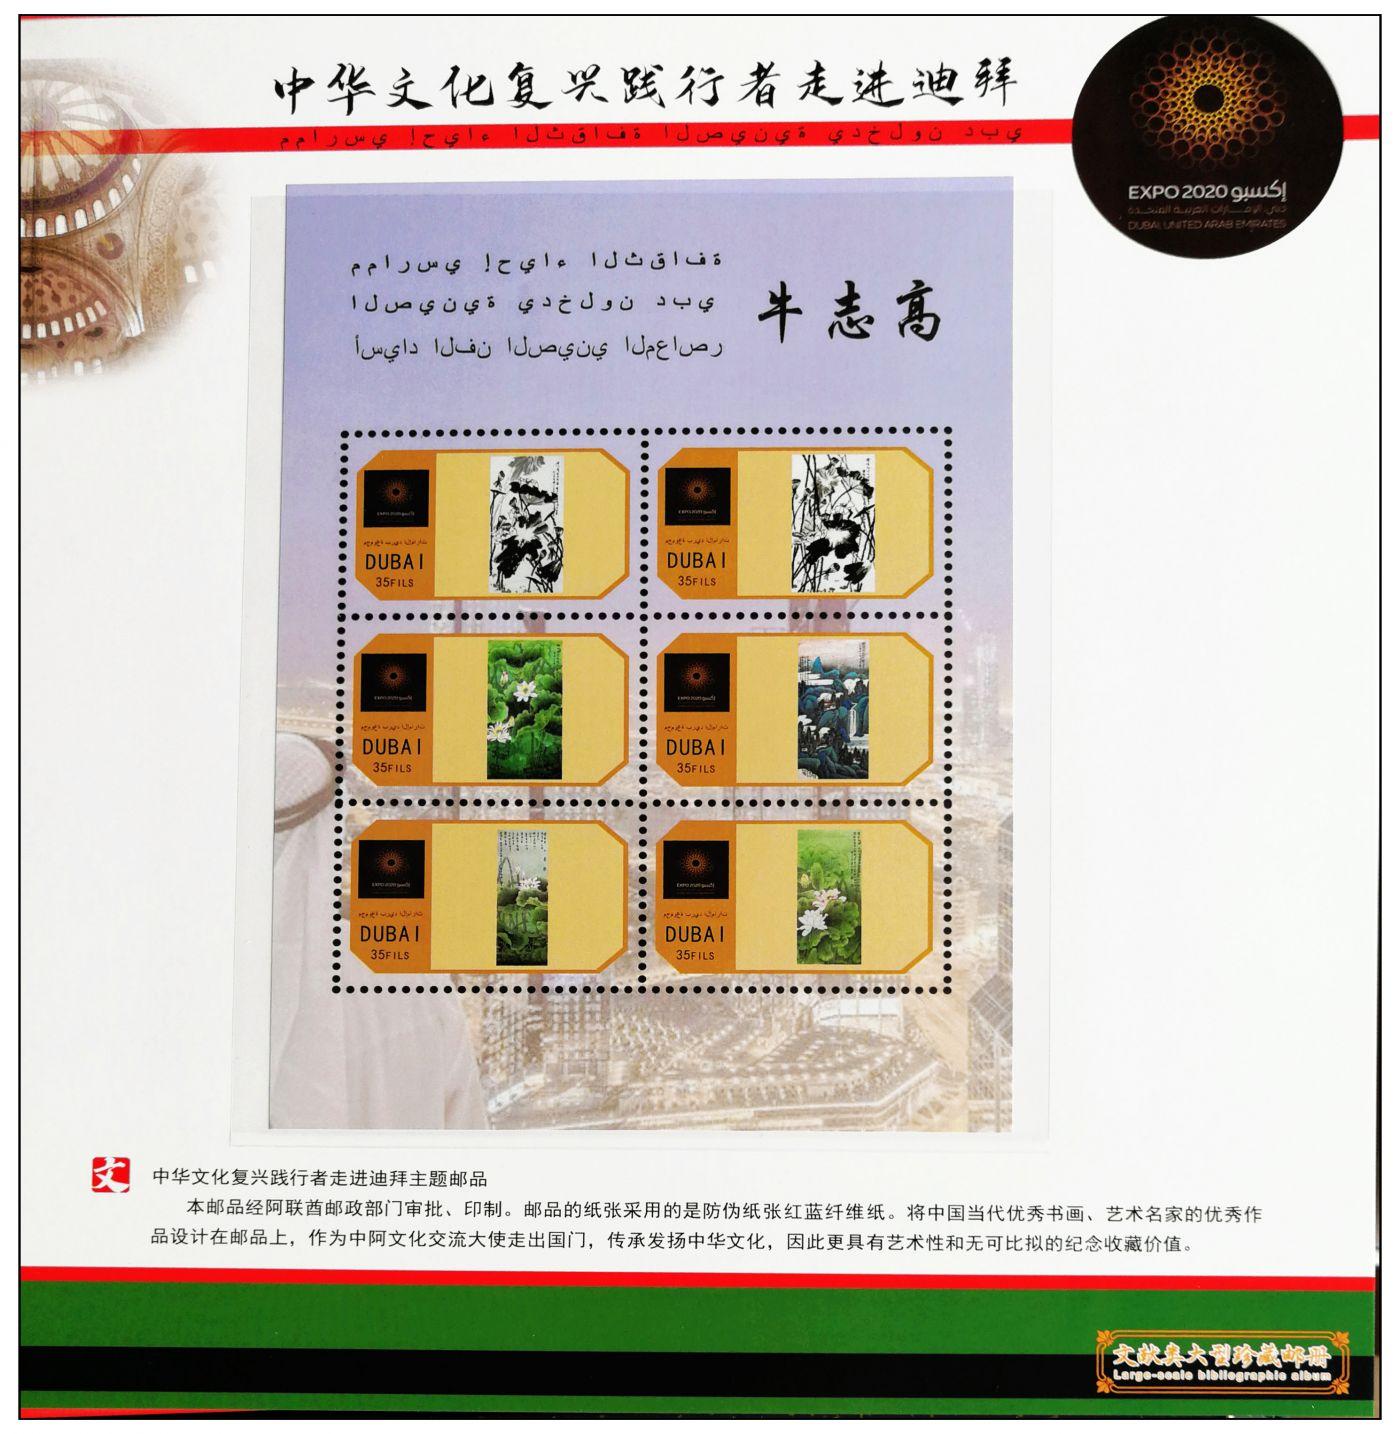 文化复兴----2020年牛志高绘画出版纪念邮票_图1-6